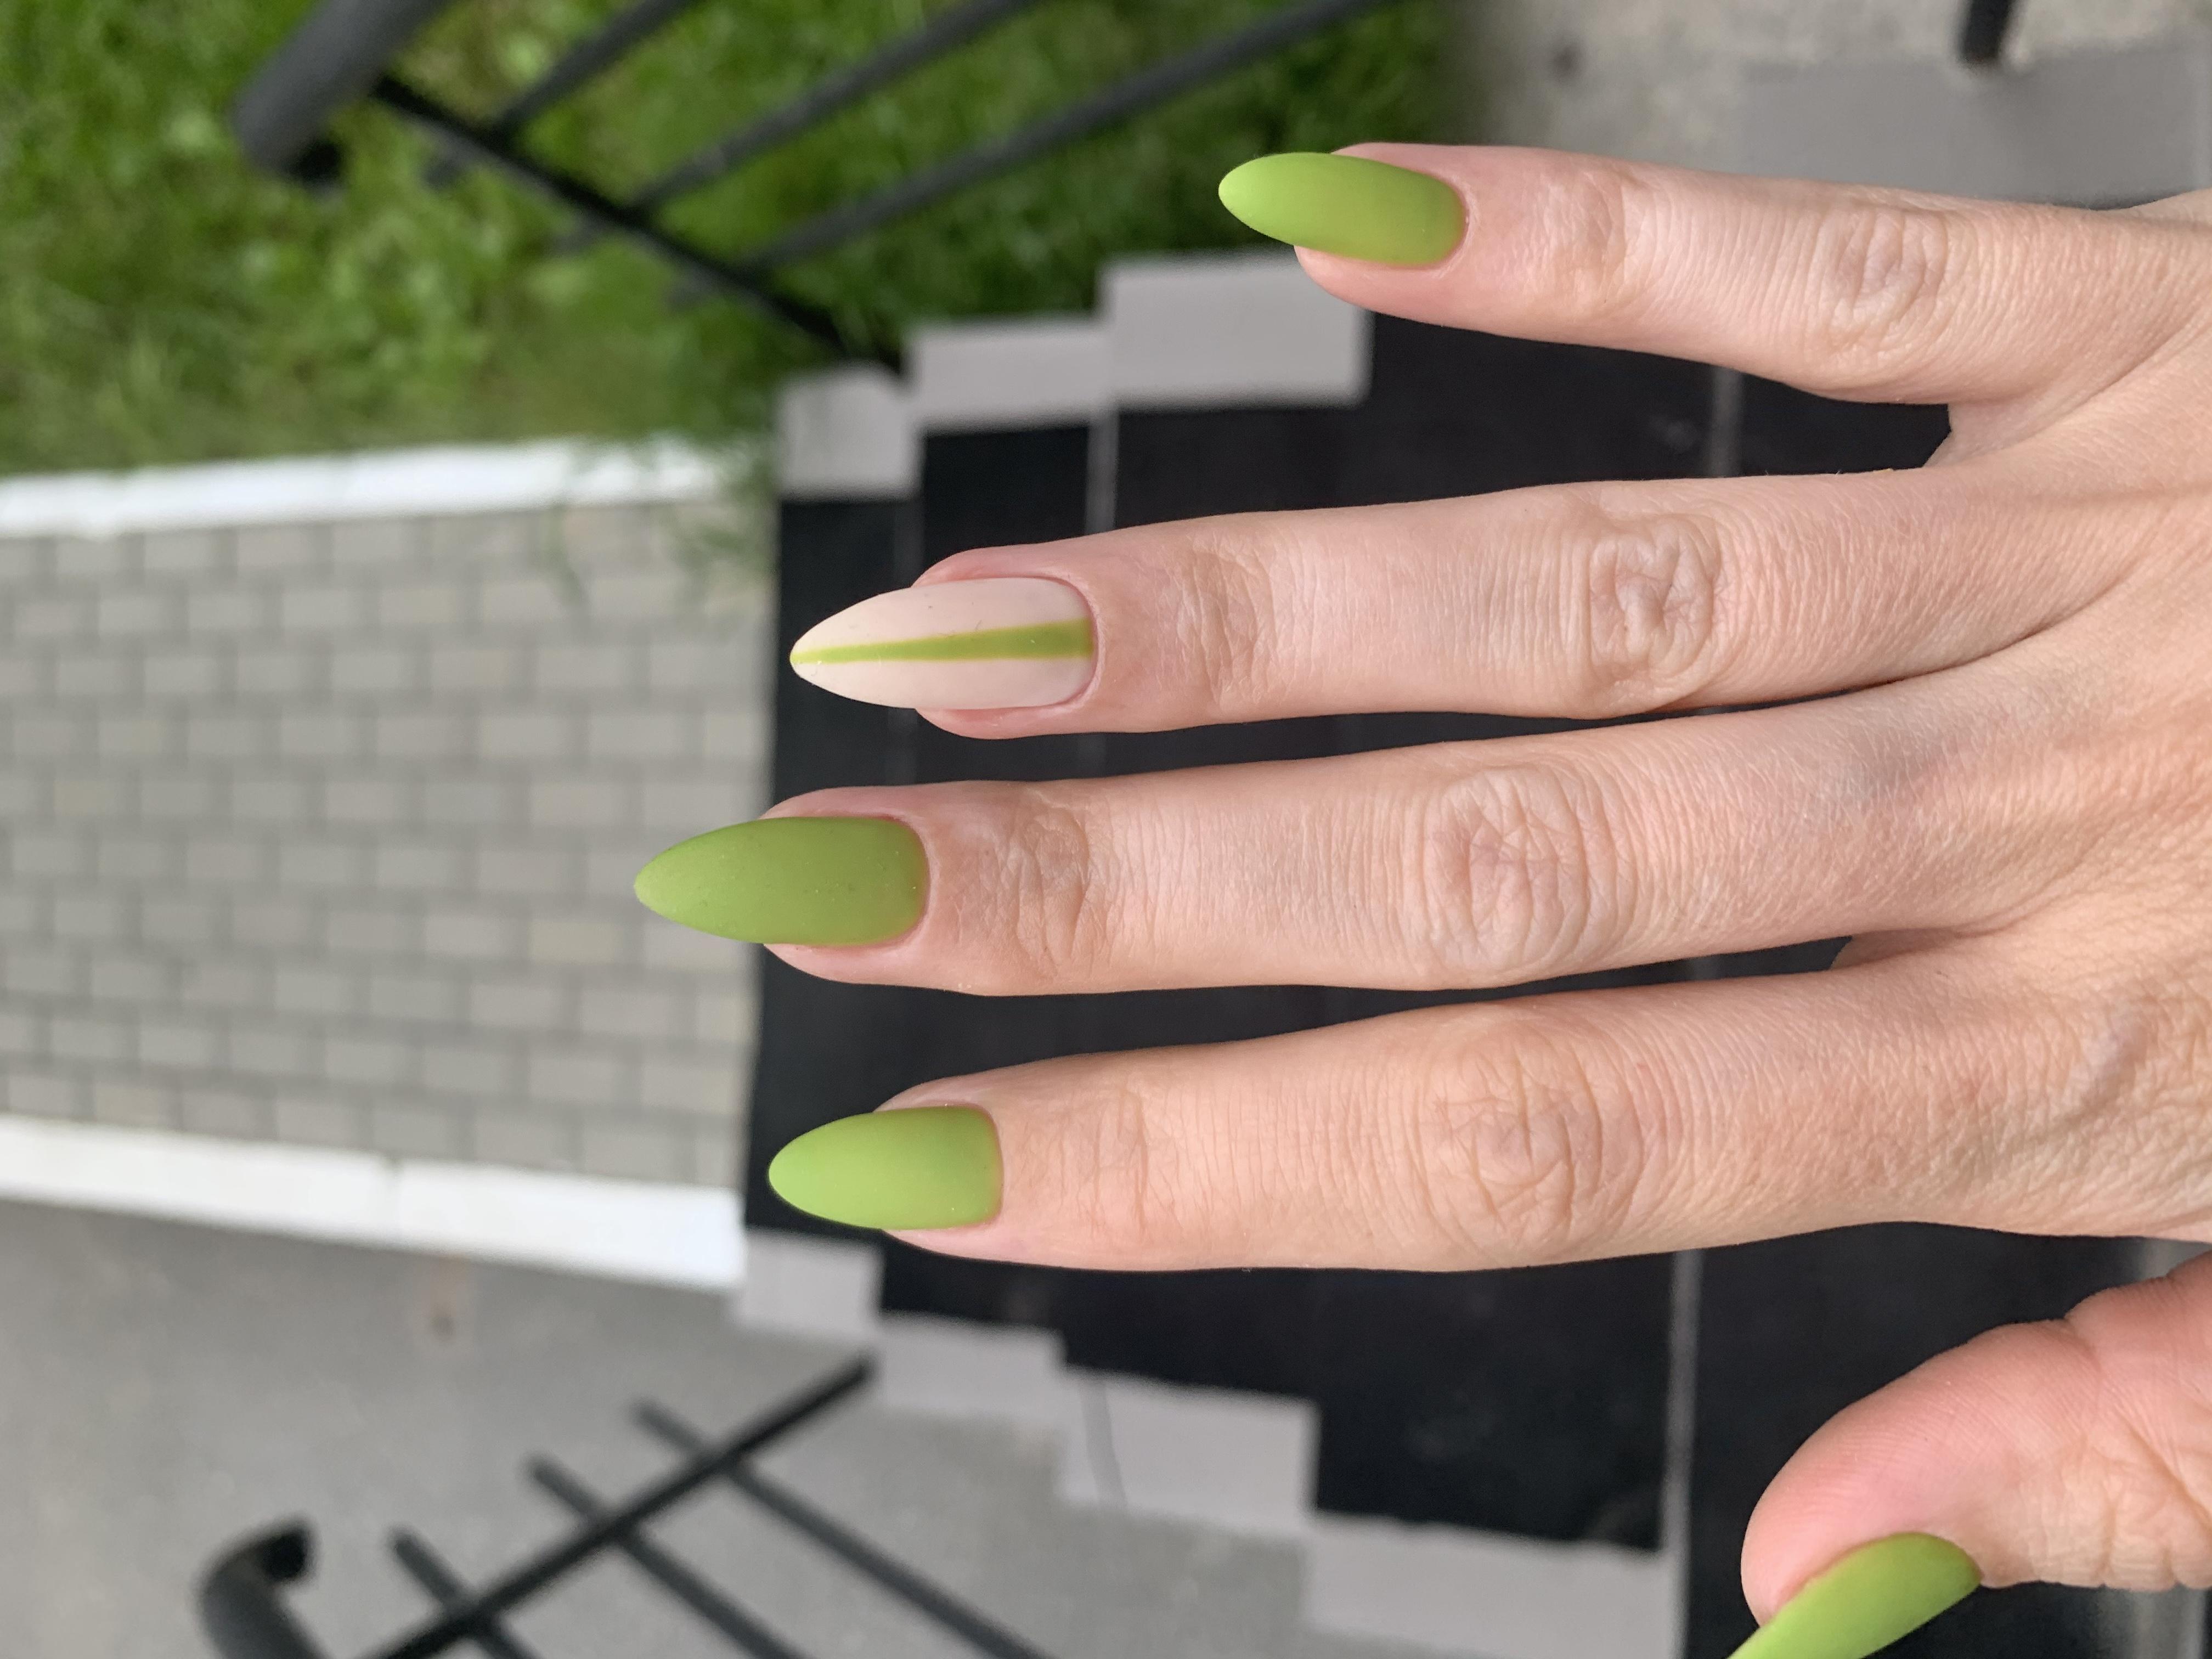 Матовый маникюр в оливковом цвете на длинные ногти.